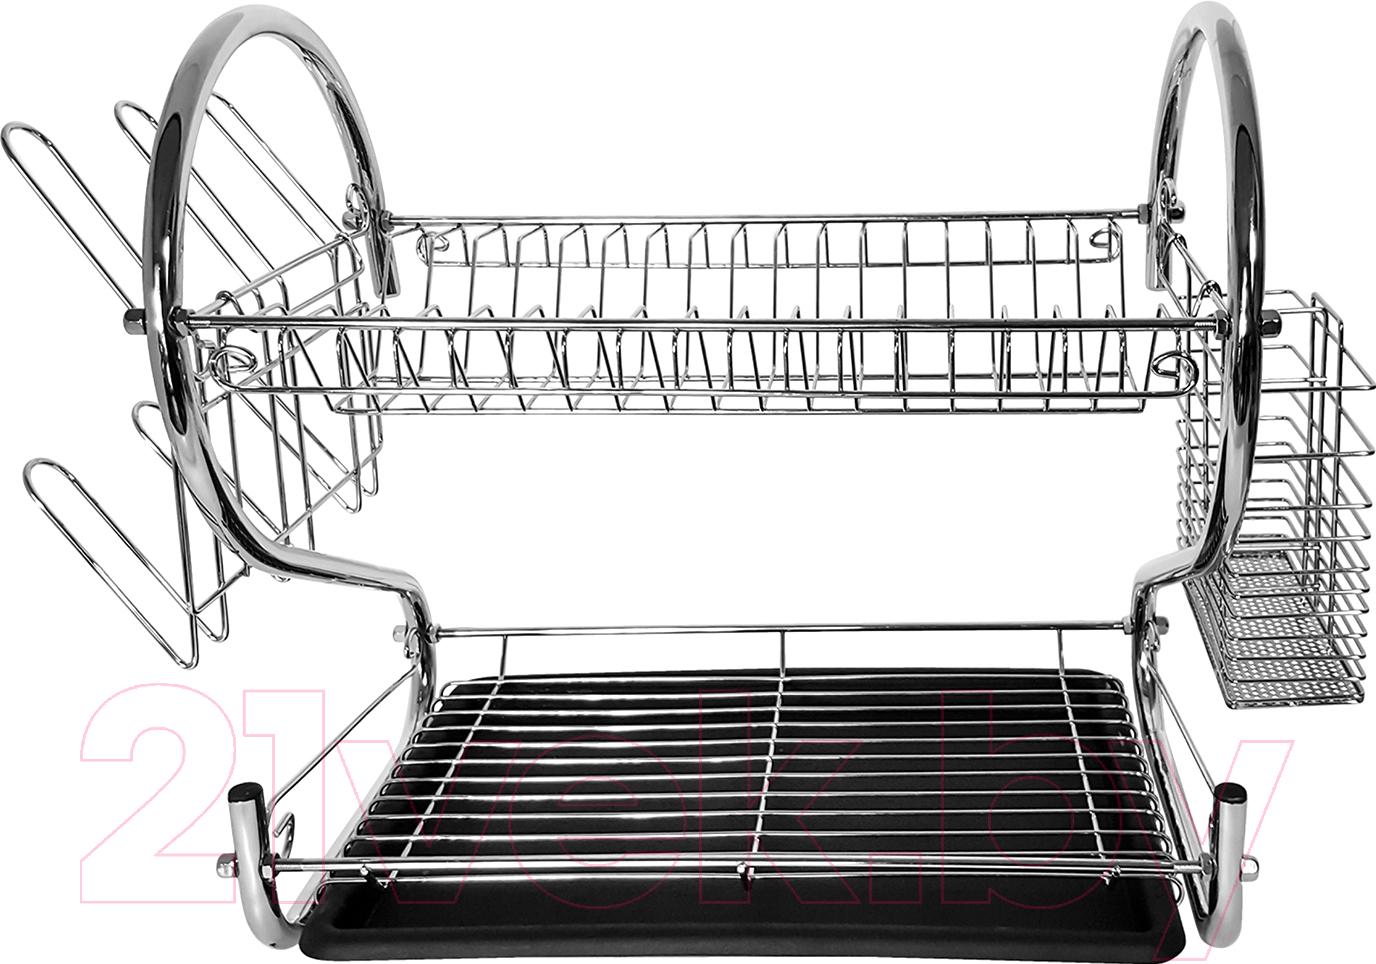 Купить Сушилка для посуды Tatkraft, Helga 10857, Эстония, зависит от партии поставки, пластик